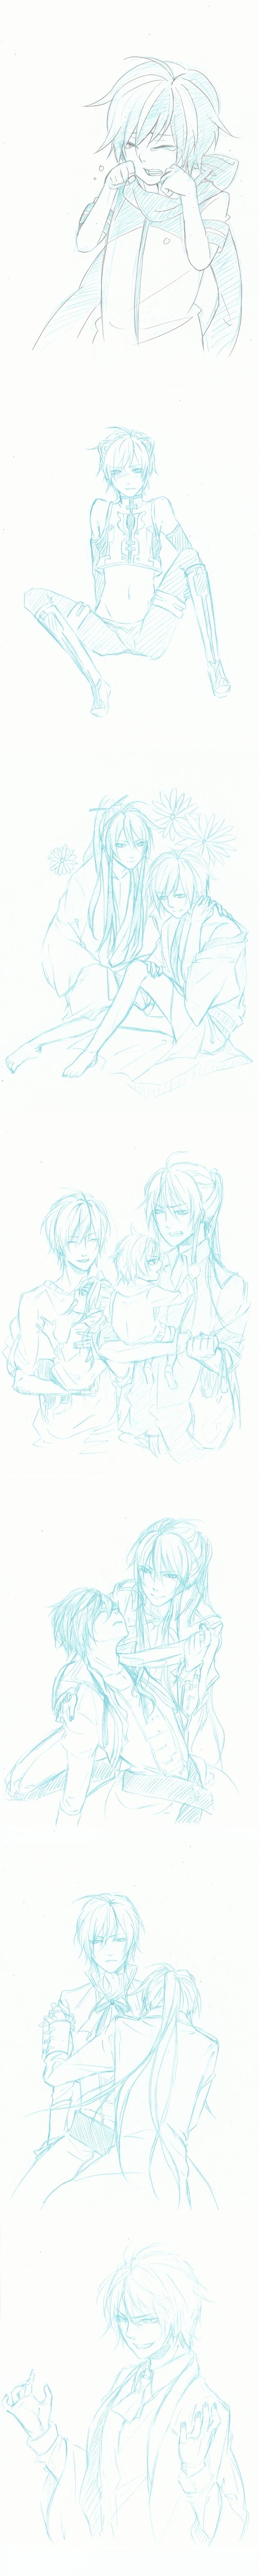 Tags: Anime, Pixiv Id 2552590, Project DIVA 2nd, VOCALOID, KAITO, Kamui Gakupo, Venomania no Ouyake no Kyouki, Fanart, Akutoku no Judgement, Sketch, Project DIVA Electronic Kitty